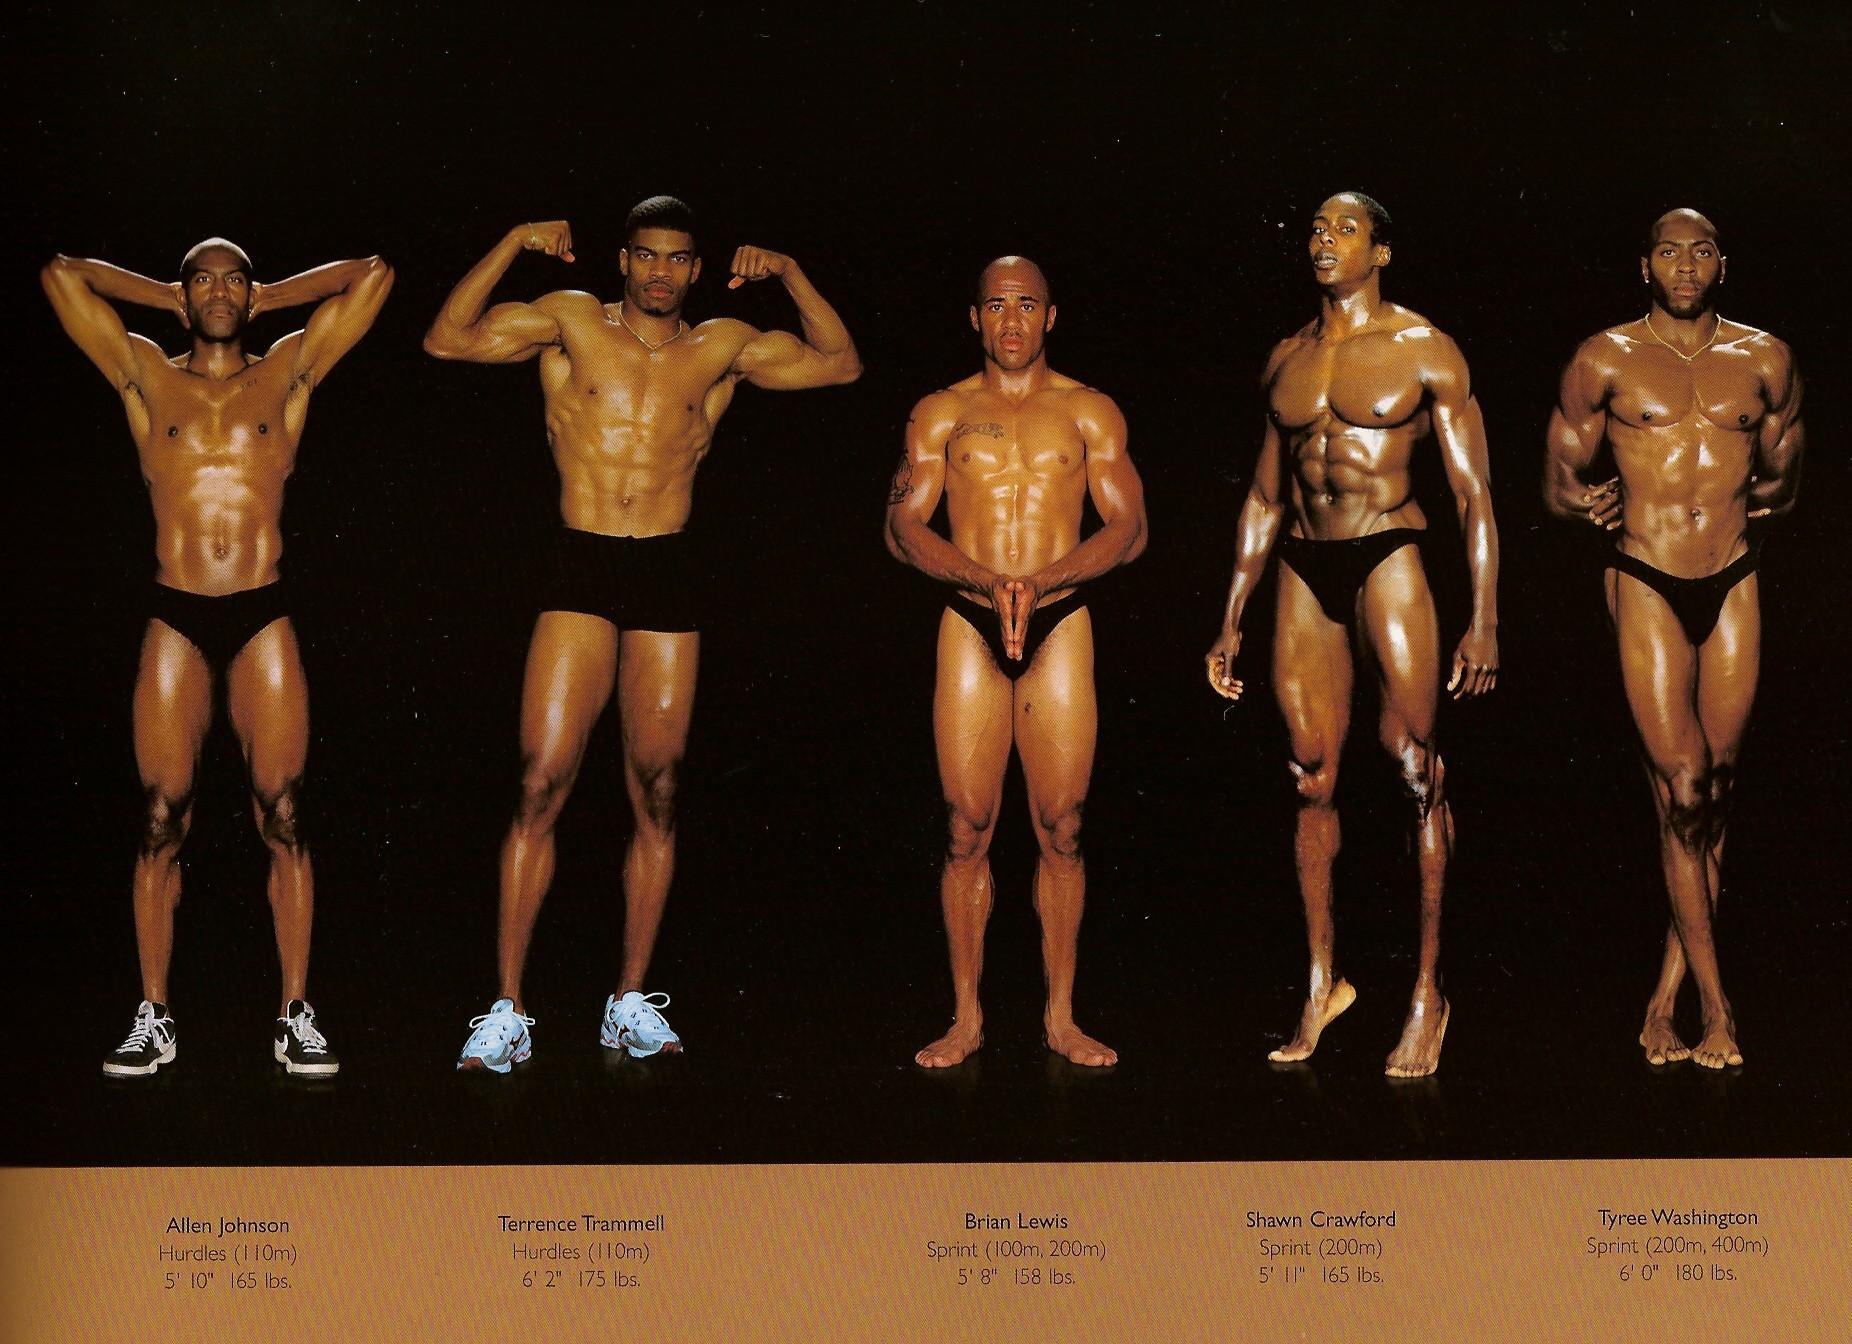 Howard Schatz / слева направо: барьерный бег, тоже барьерный бег, спринт, тоже спринт, тоже спринт.